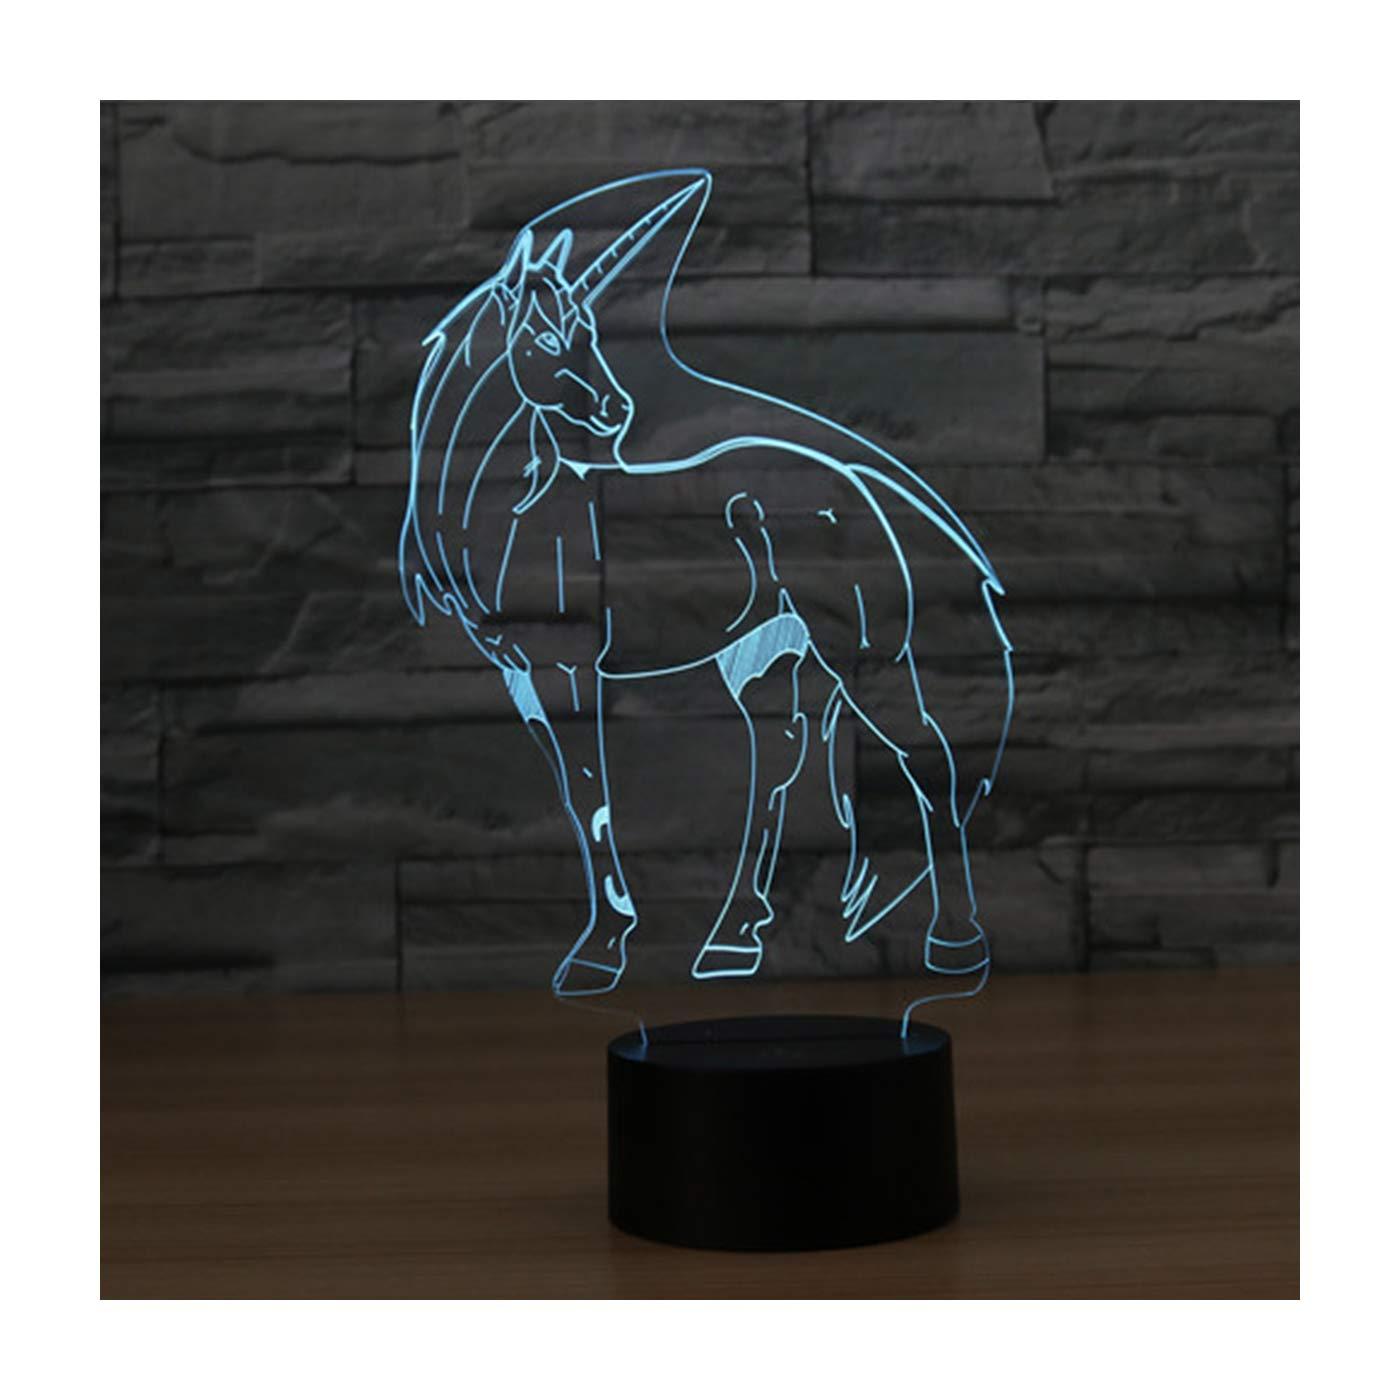 3D Lampe Illusion Optique LED Veilleuse, EASEHOME Optiques Illusions Lampe de Nuit 7 Couleurs Tactile Lampe de Chevet Chambre Table Art Déco Enfant Lumière de Nuit avec Câble USB, Licorne